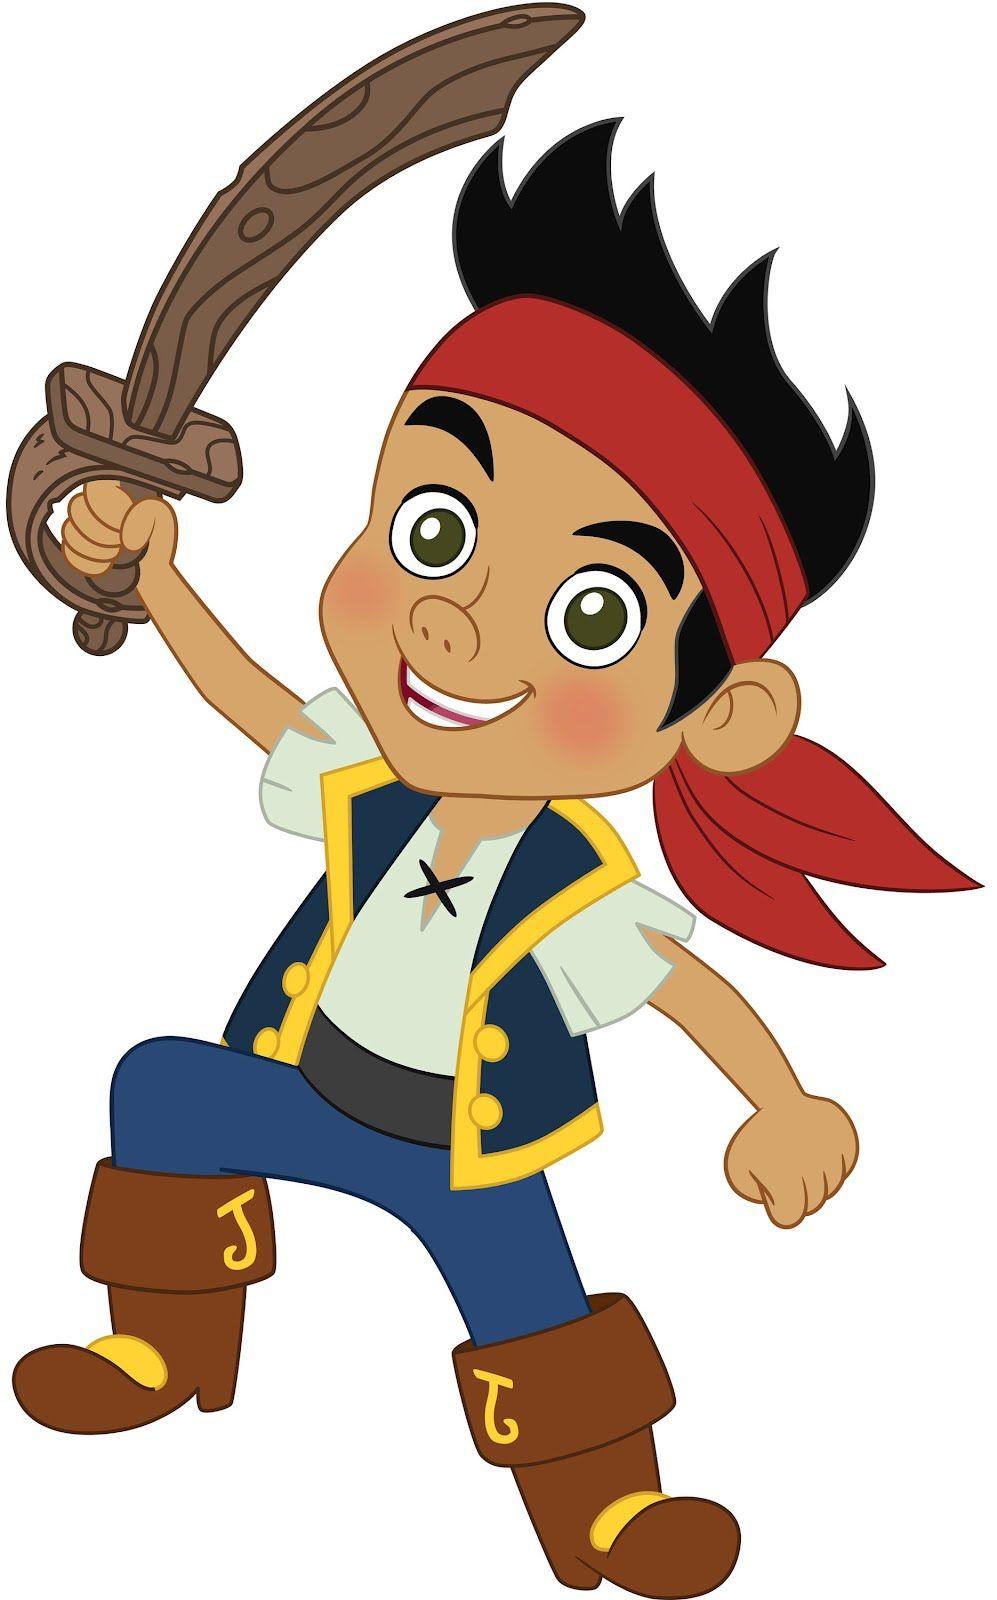 hansel y gretel tienda de dulces jake y los piratas de nunca rh pinterest com Candy Witch Hansel and Gretel Hansel and Gretel Story